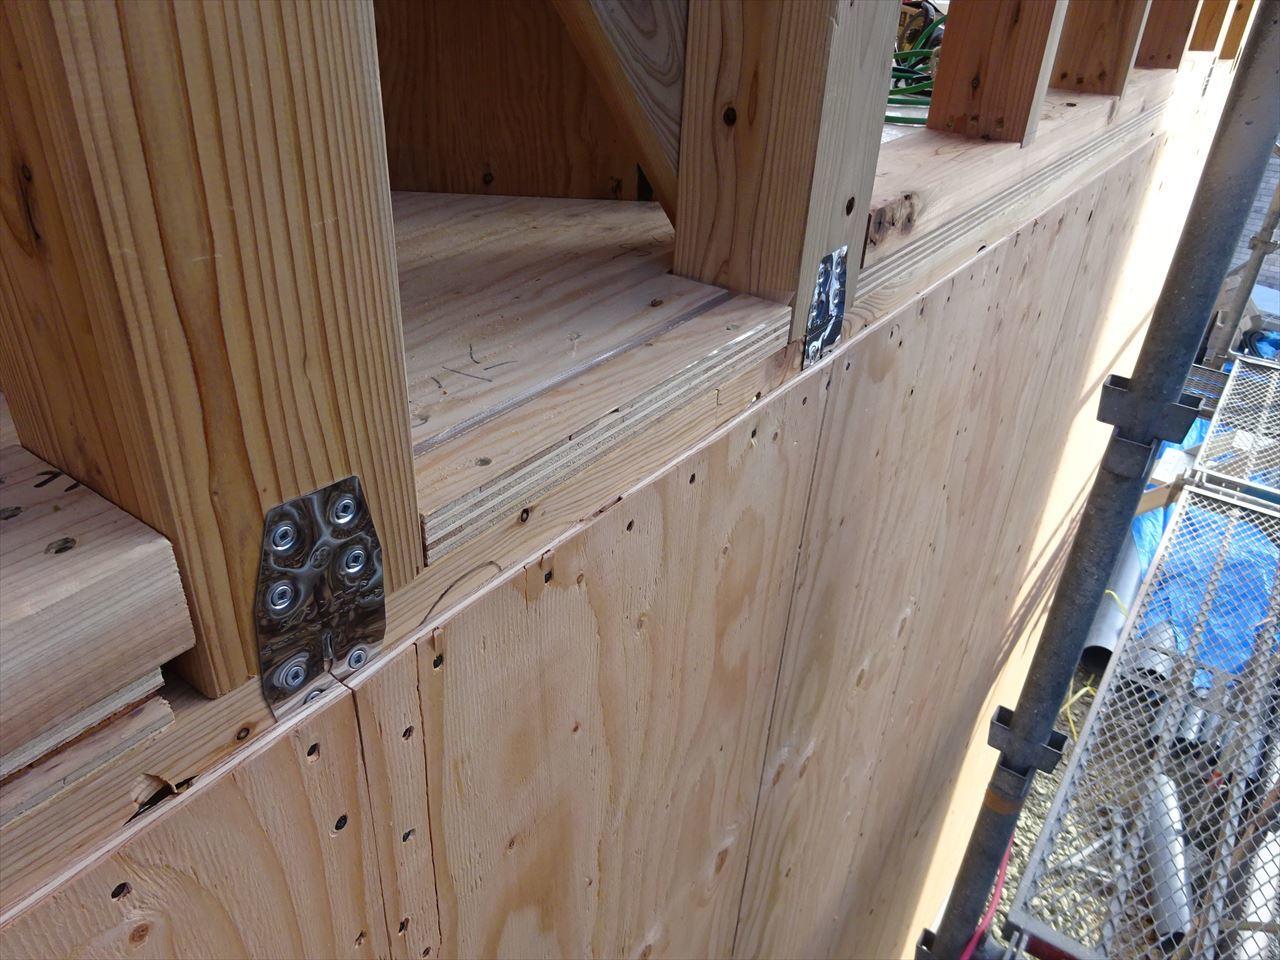 下太田 古材新築の家 建て方作業進行中です。_f0105112_04083124.jpg